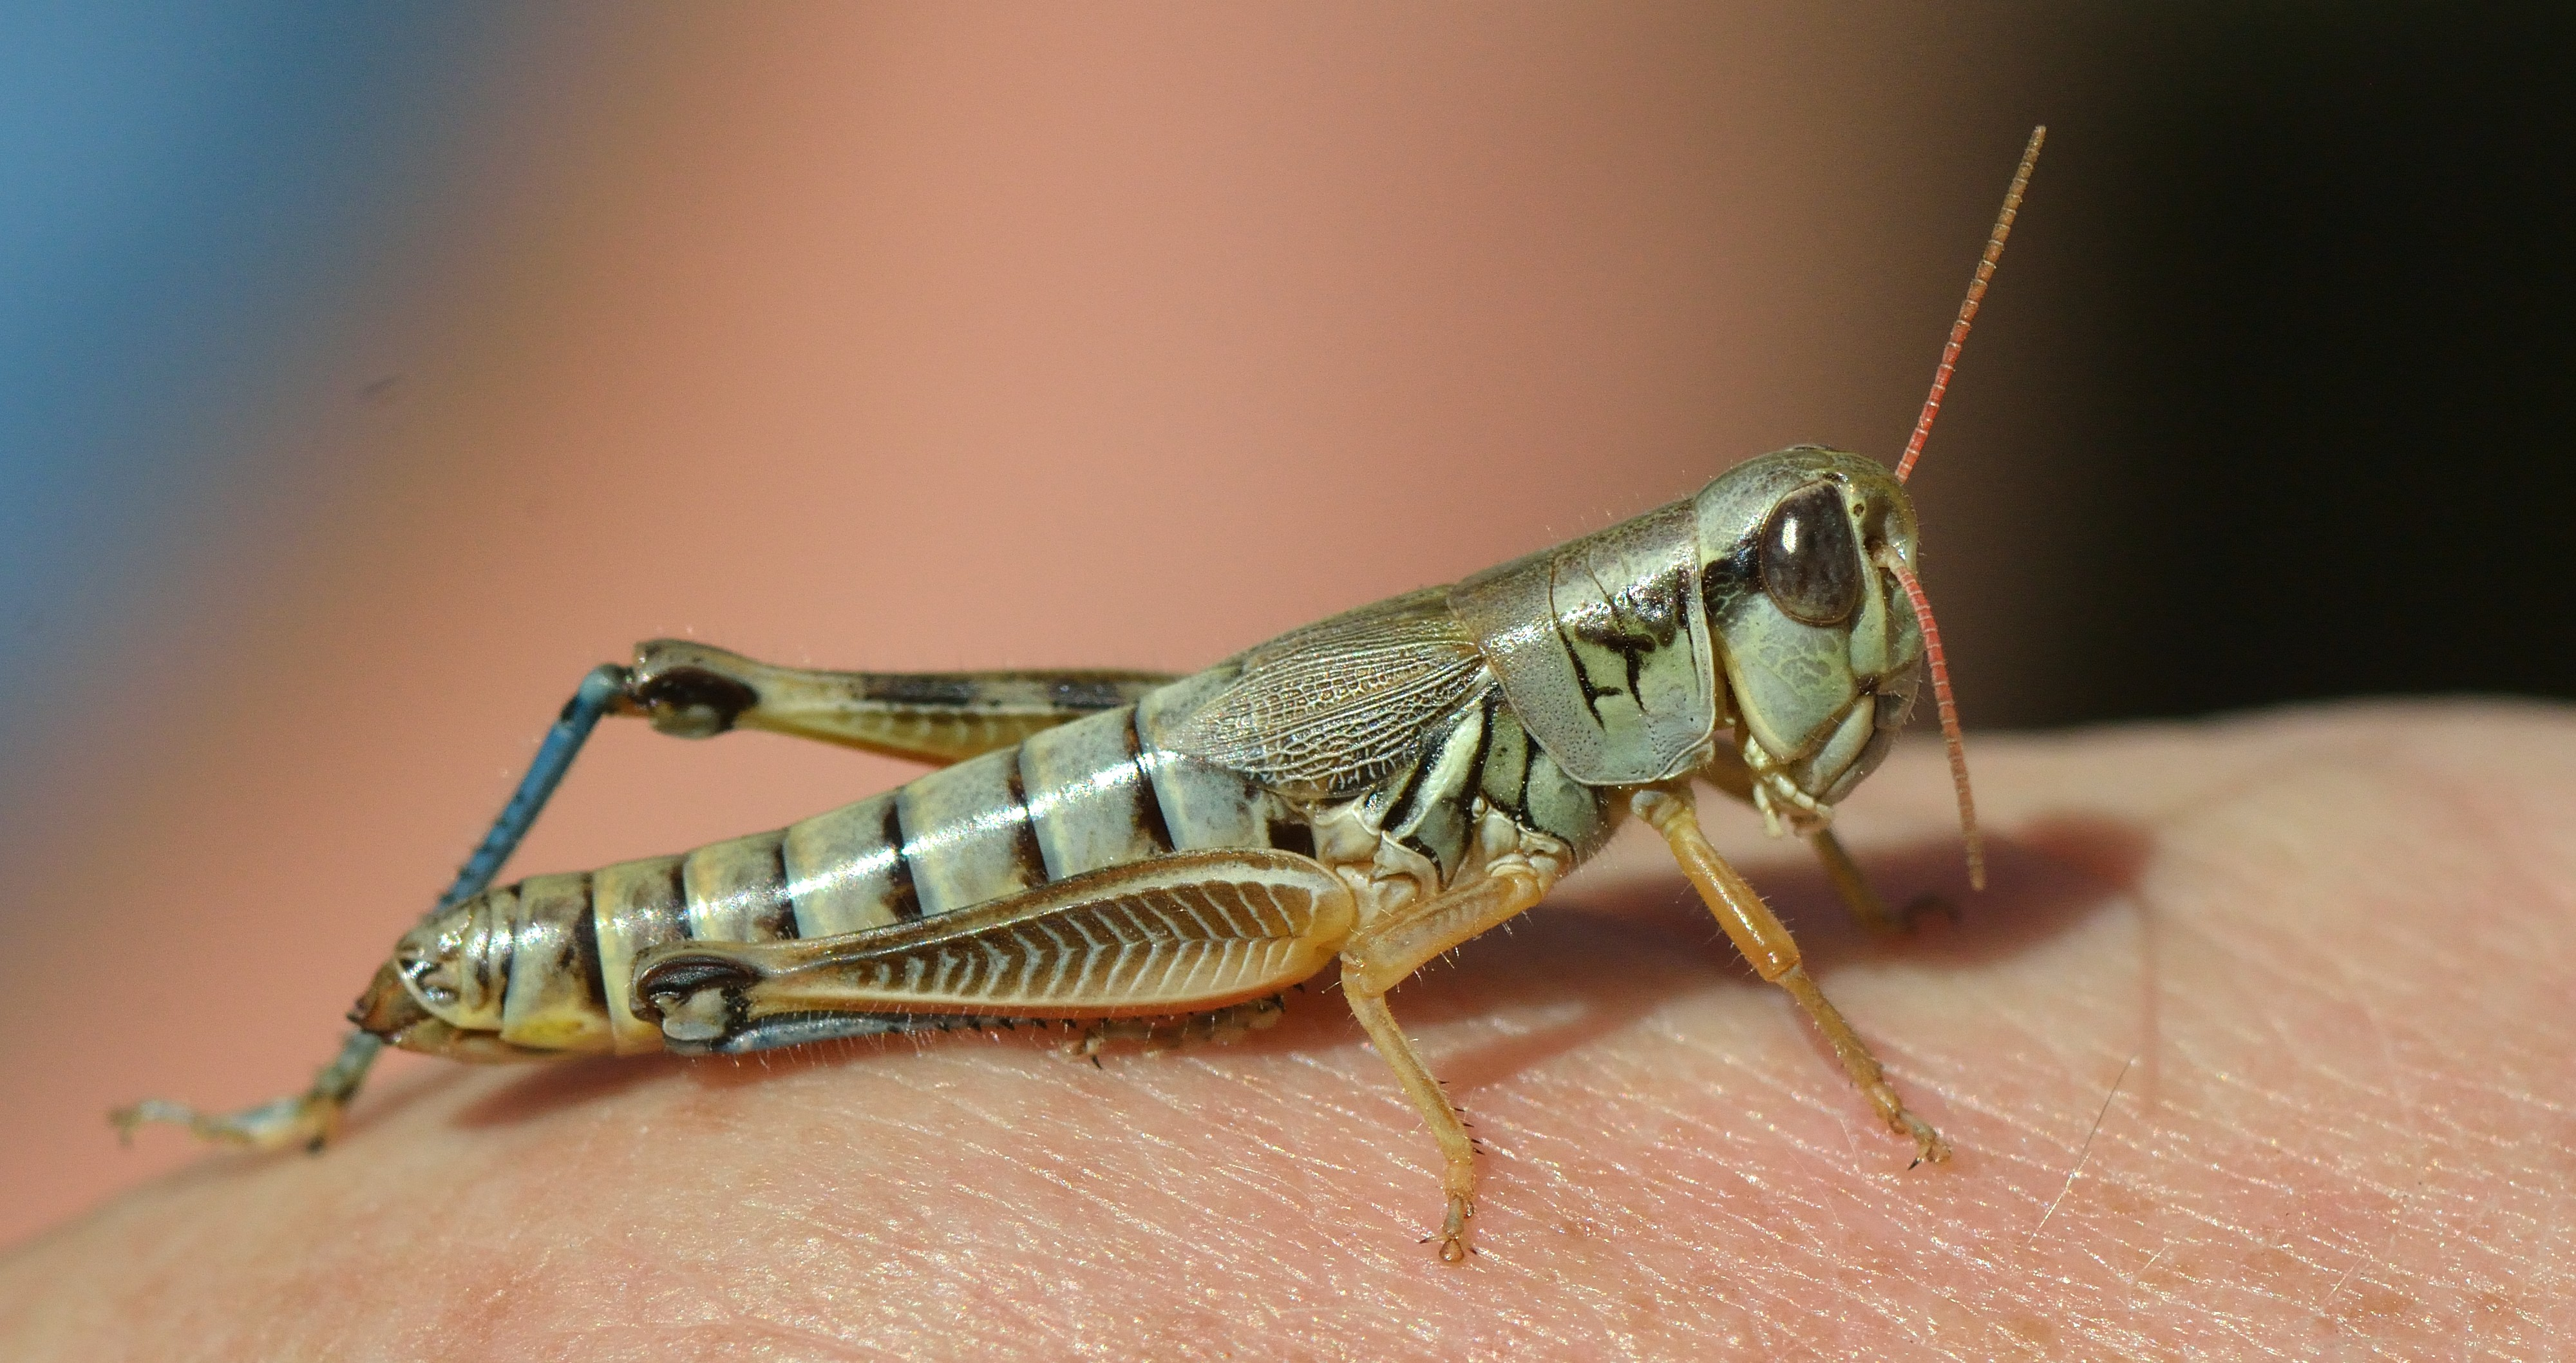 Grasshopper_HomesteadRanchPark-CO_LAH_7003